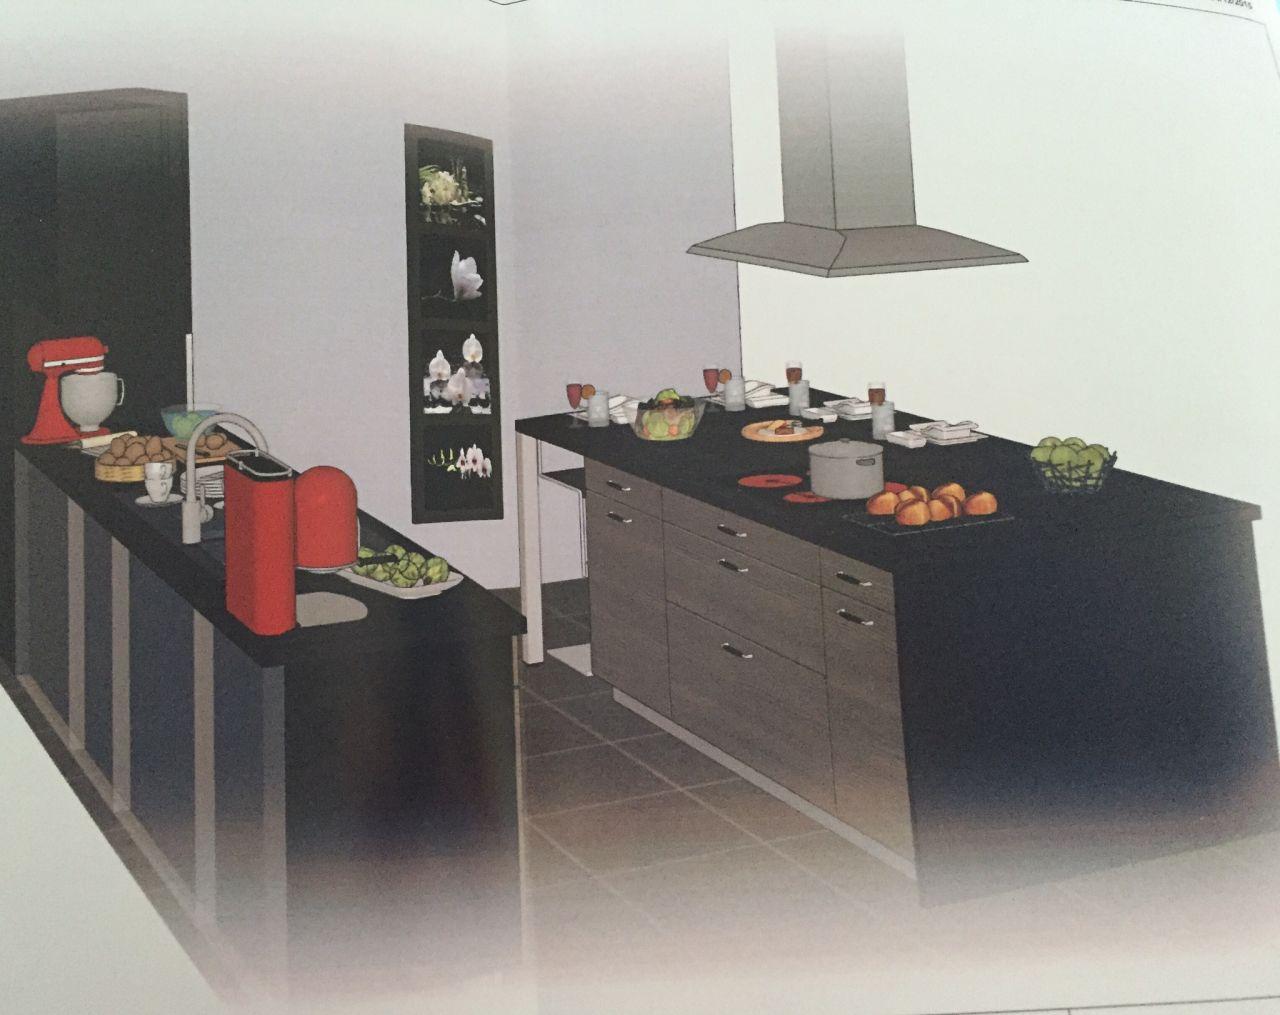 Plan 3D cuisine avec îlot central et intégration de notre frigo américain (photo un peu tordue car prise avec un téléphone portable) - Vue arrière